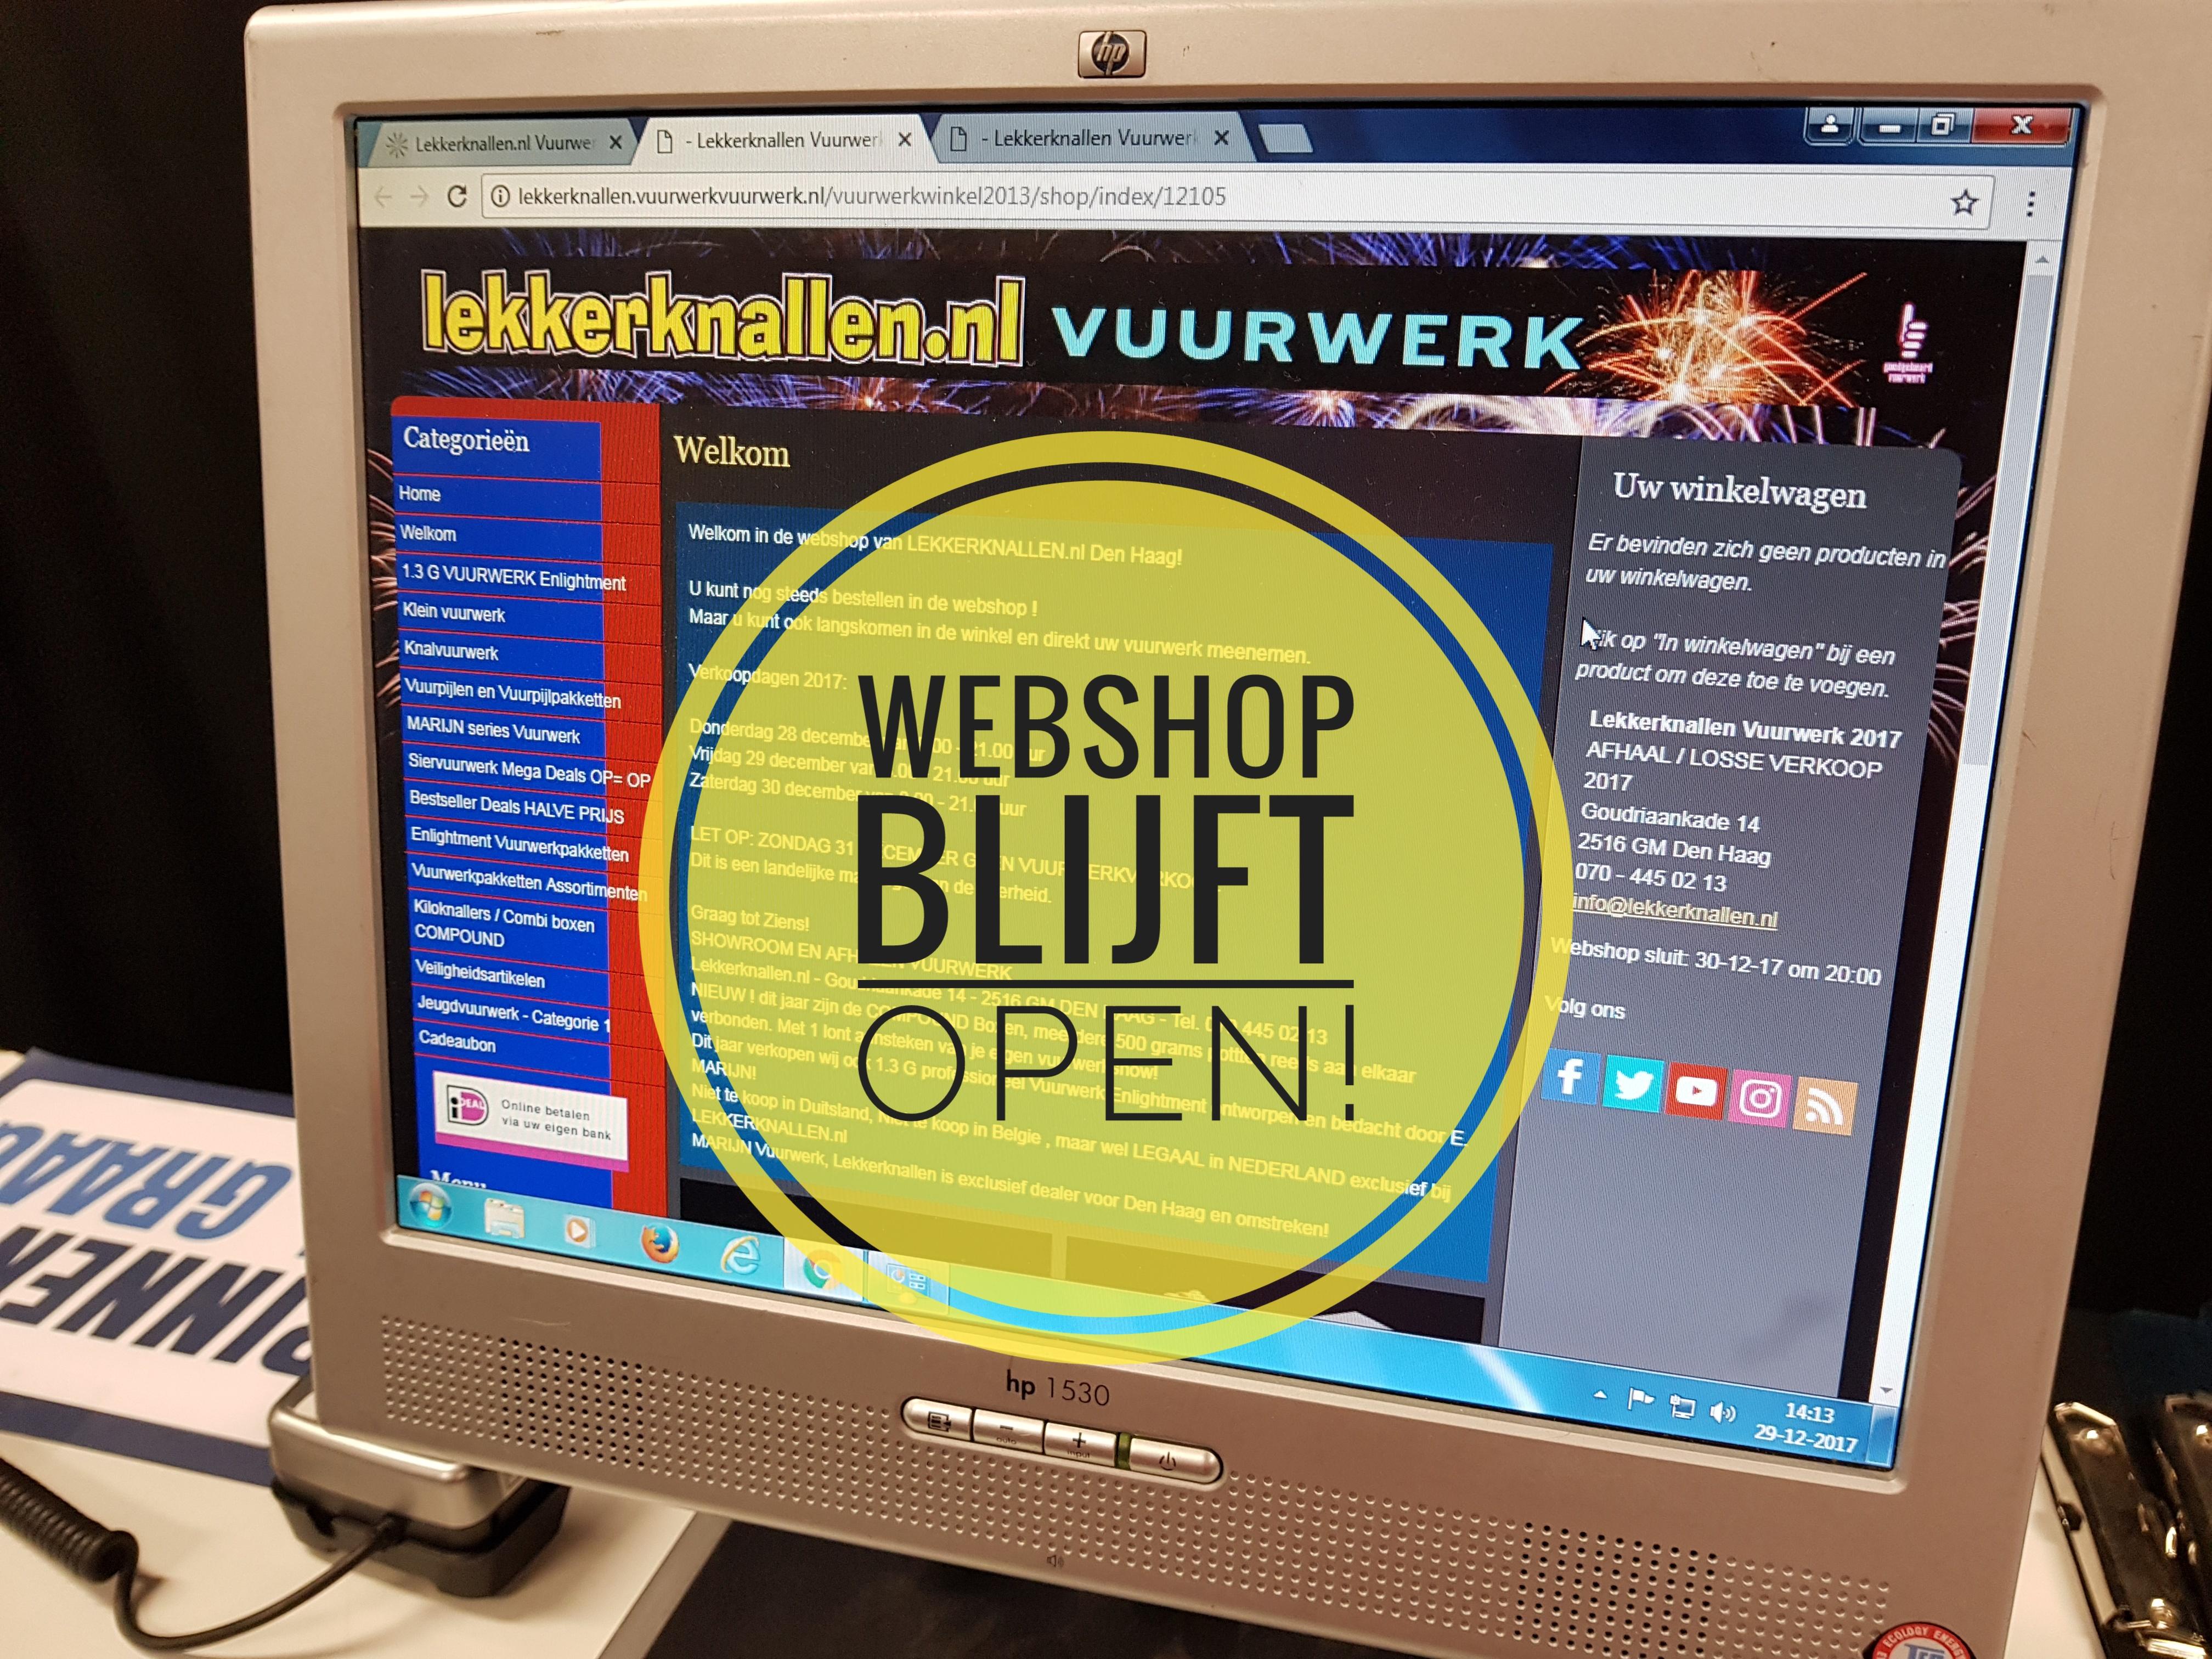 Vuurwerk Webshop Blijft Open Tijdens Verkoopdagen!